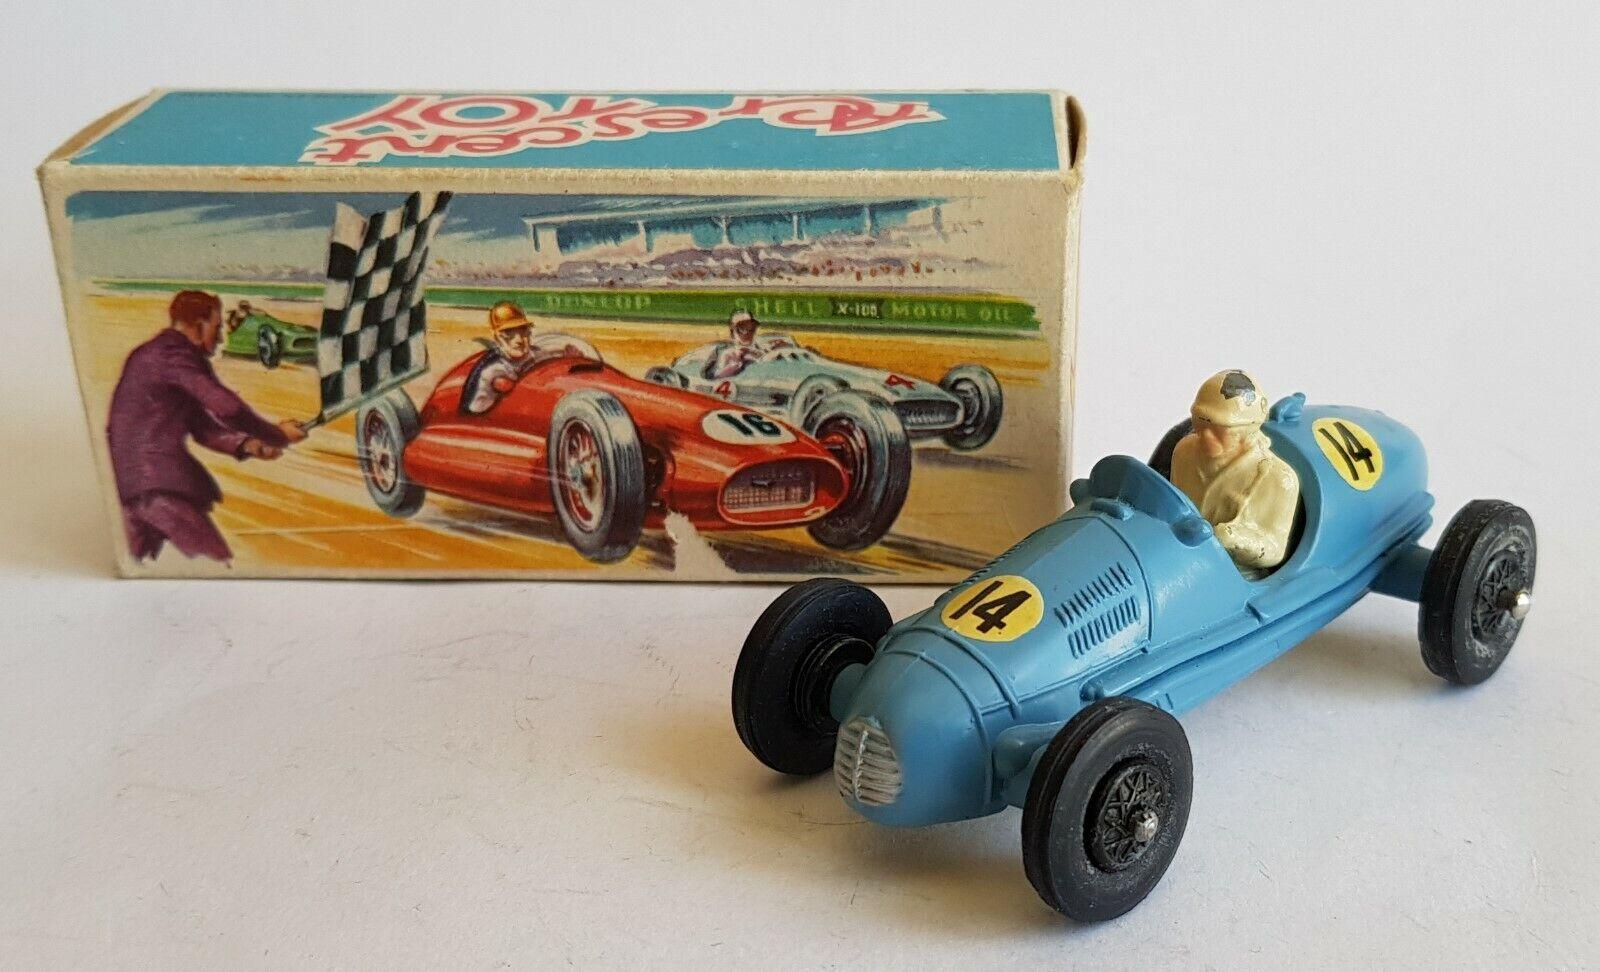 Crescent Toys No 1289, GORDINI 2.5 L voiture de course, - SUPERBE Nr Comme neuf CONDITION